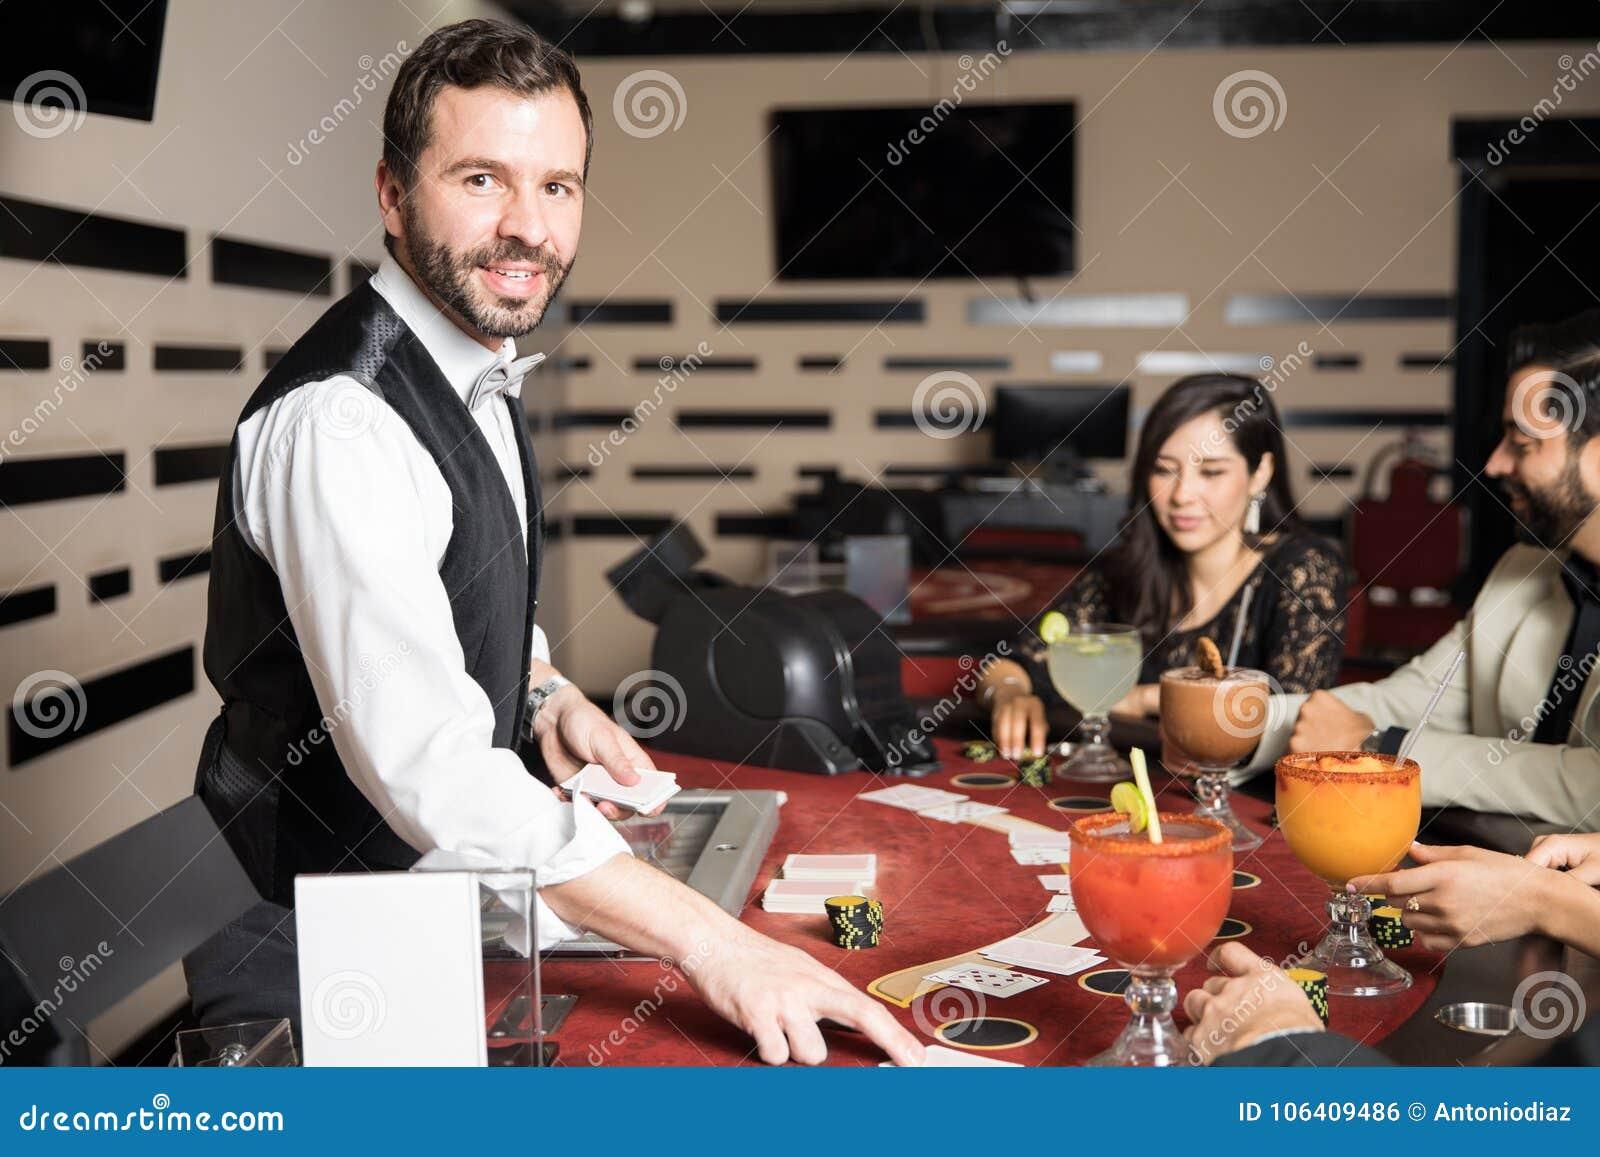 Working At Casino